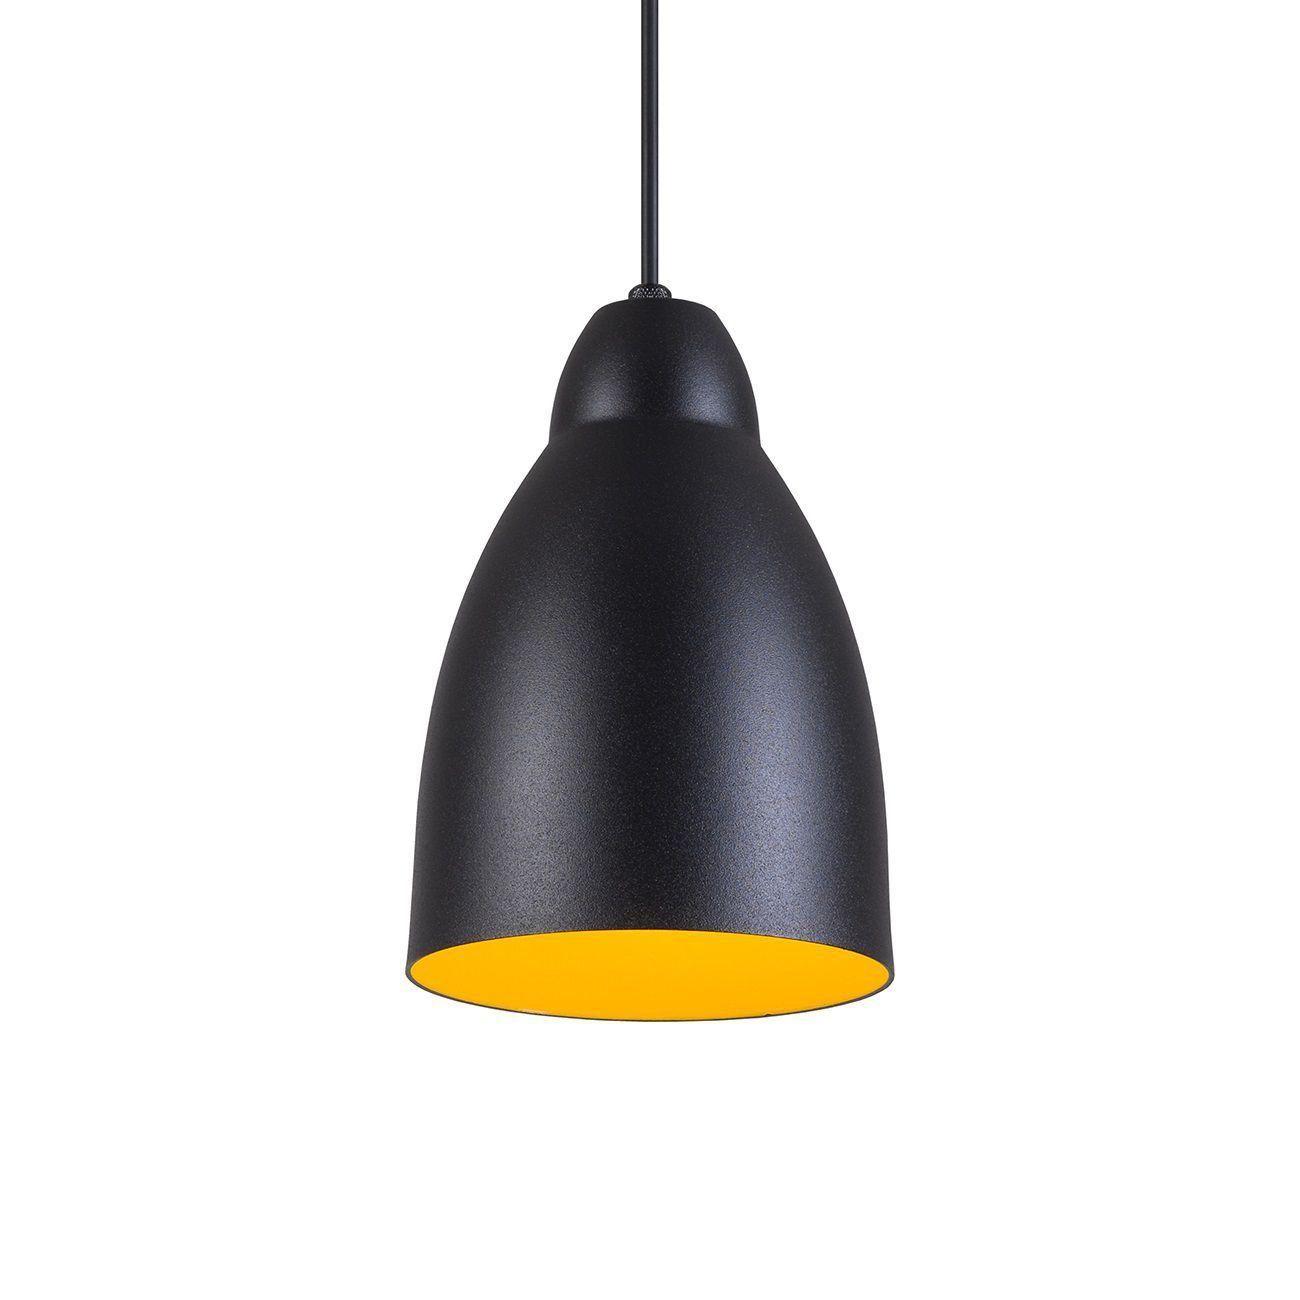 Pendente Bala Luminária Lustre Alumínio Preto Textura C/ Amarelo - Rei Da Iluminação